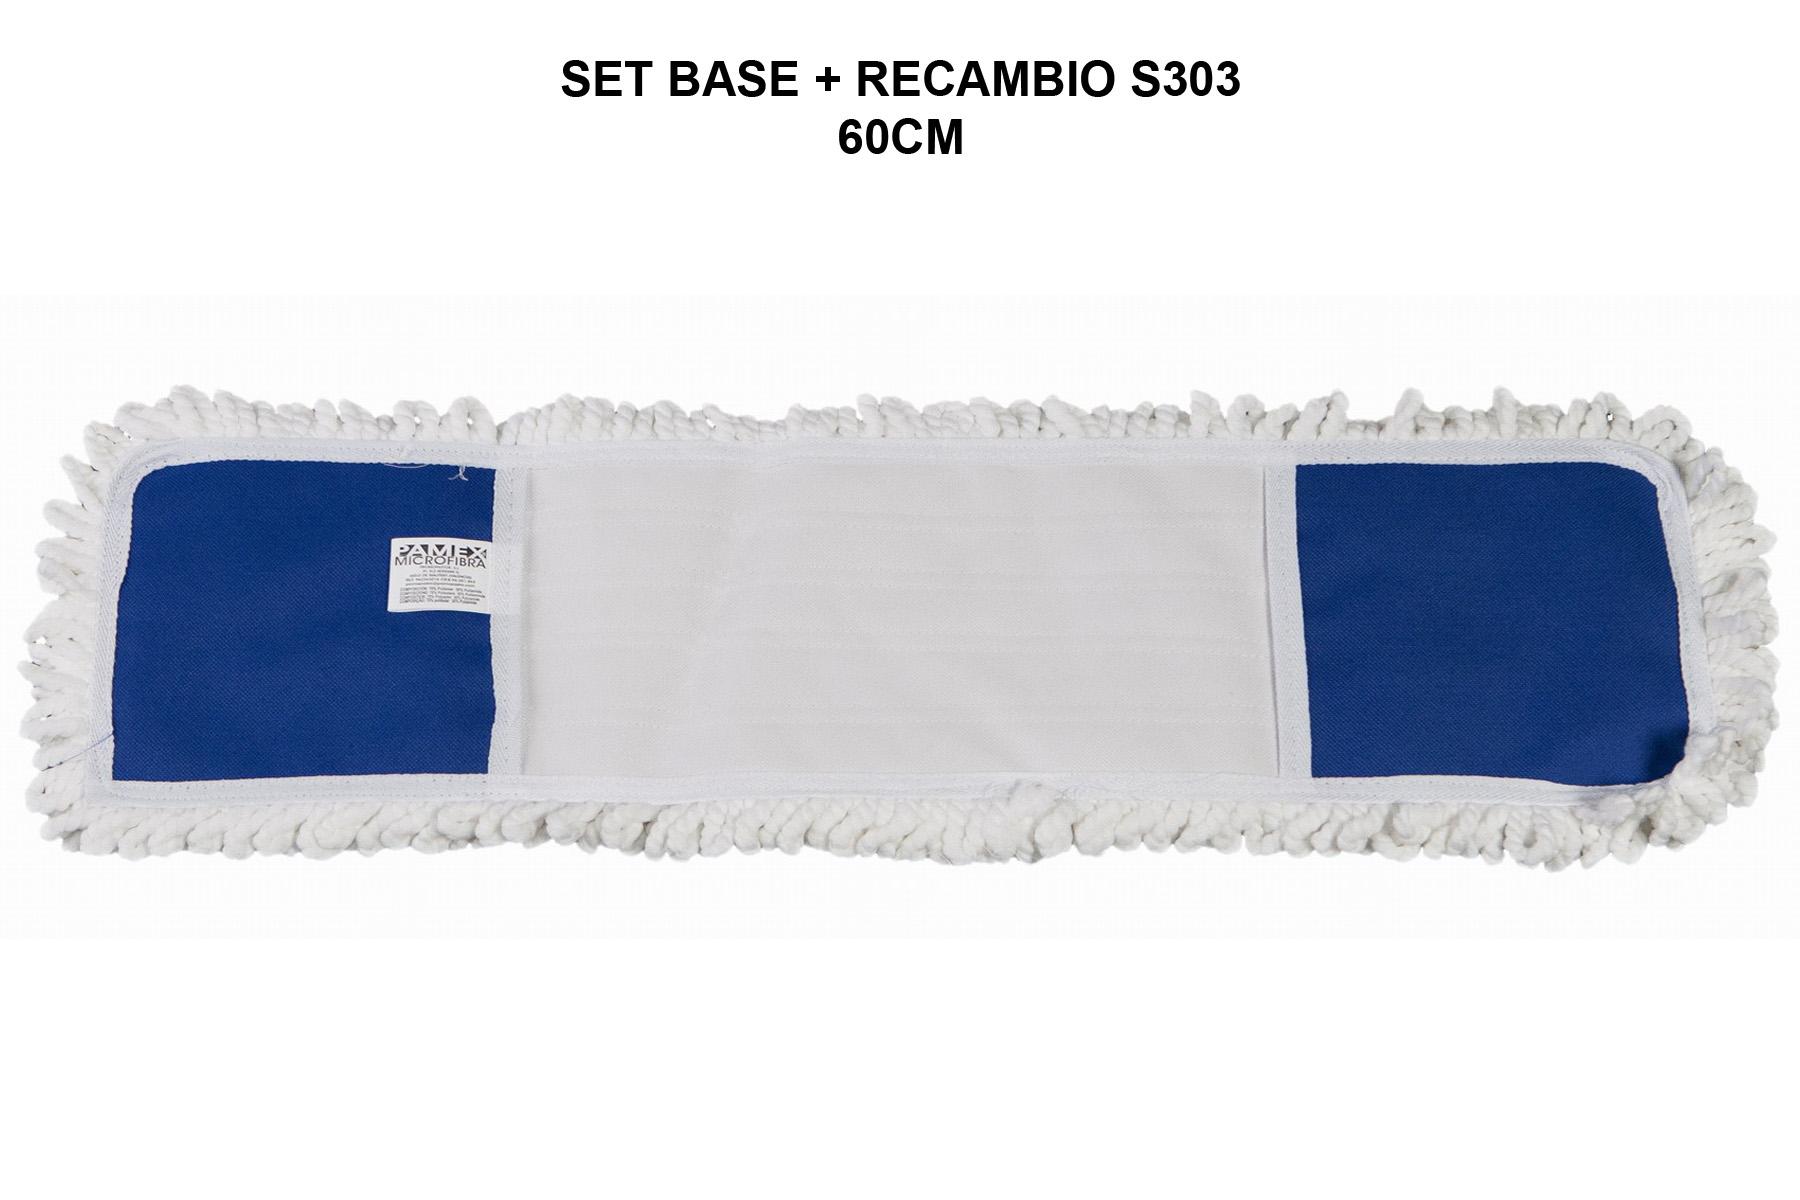 RECAMBIO MICROFIBRA S303 60CM